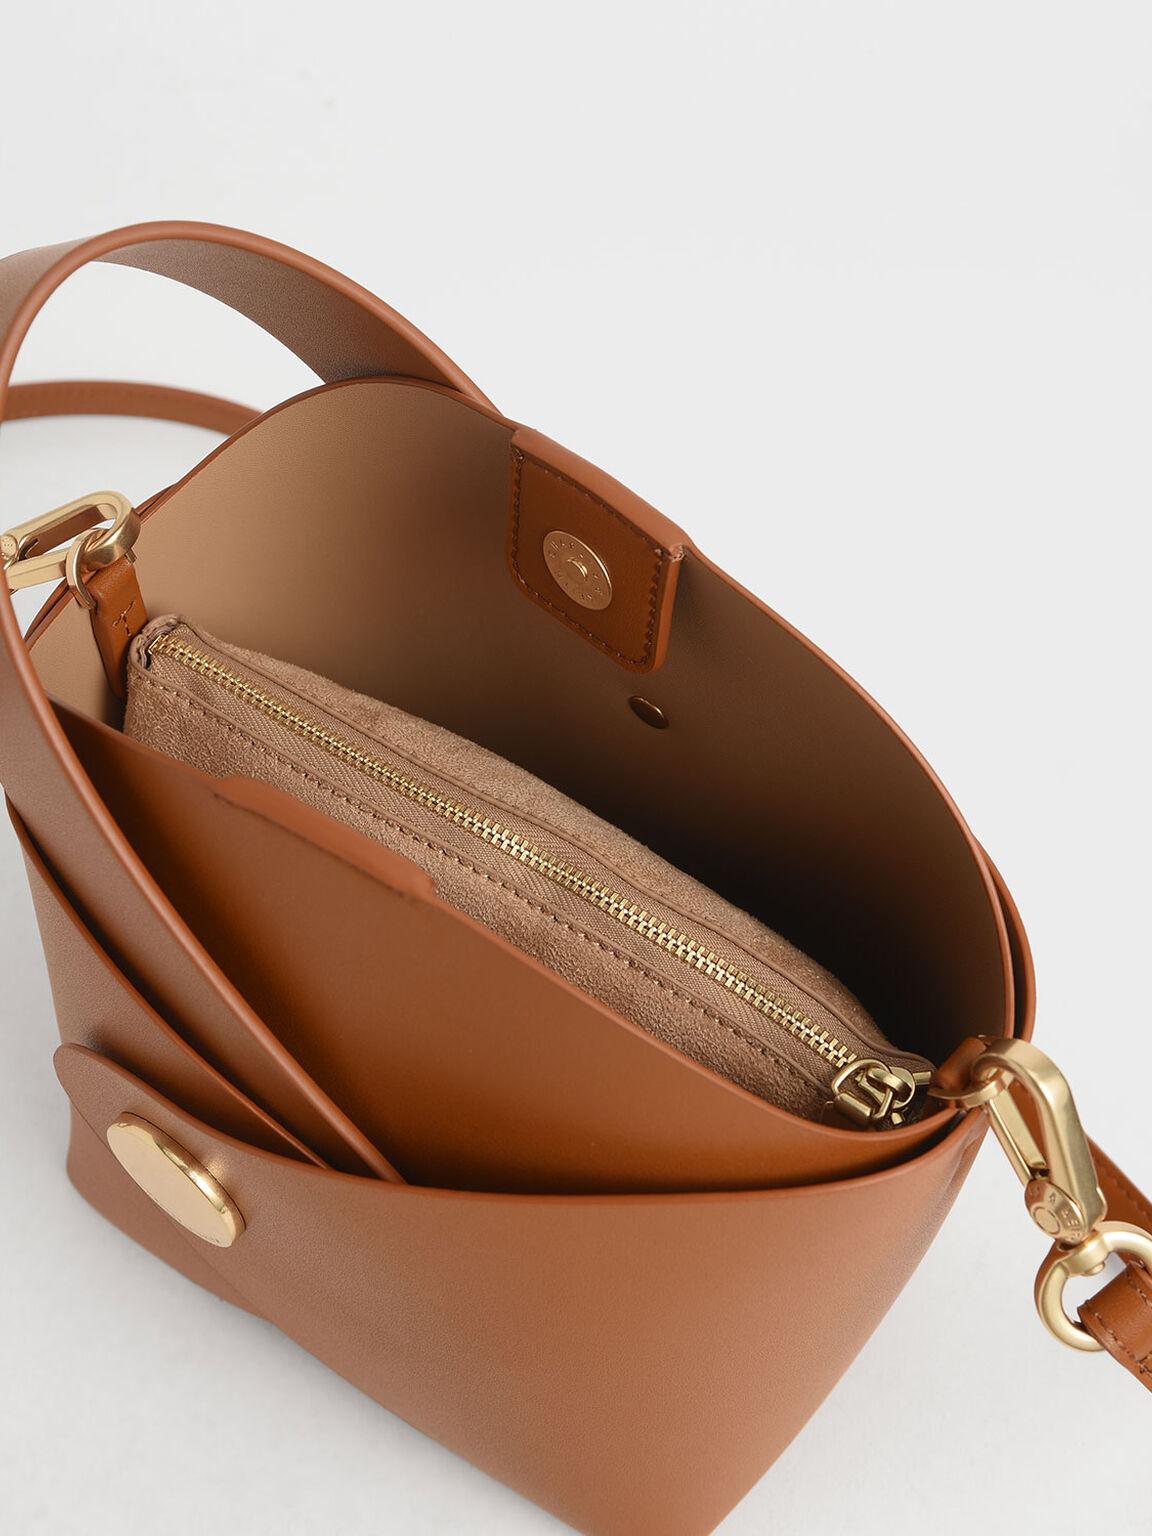 Mini Bucket Bag, Tan, hi-res